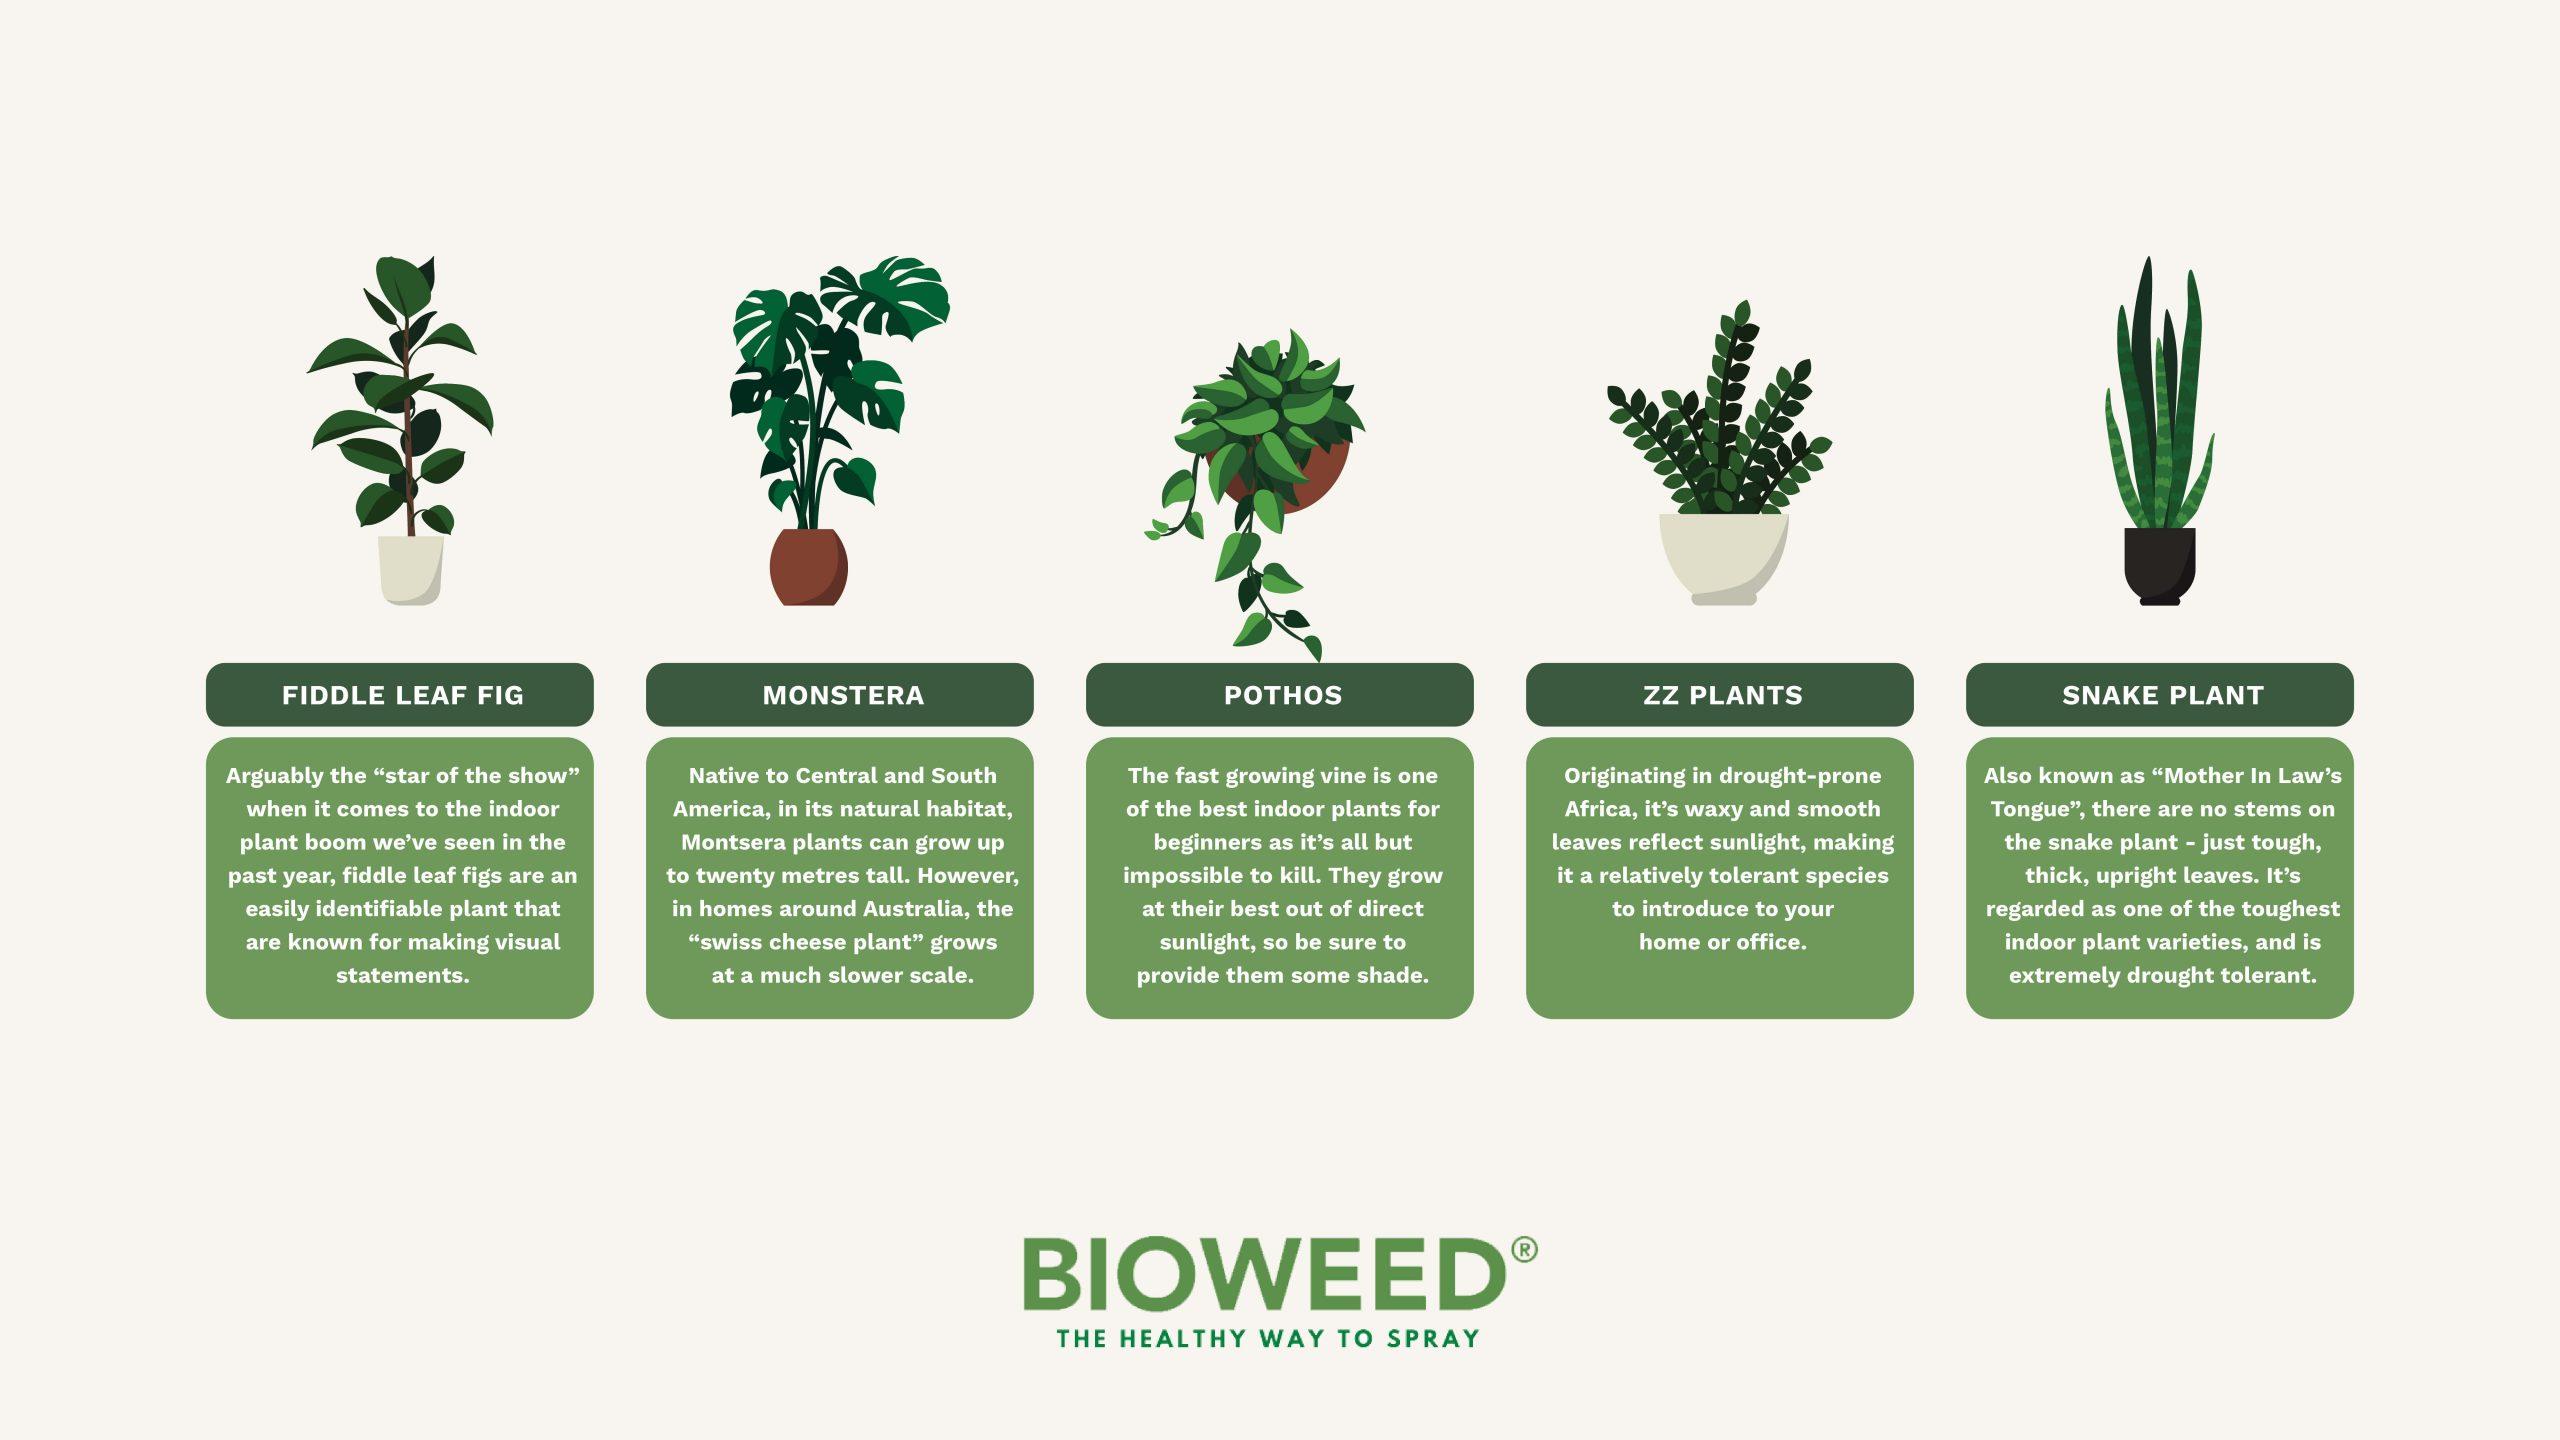 The-Best-Indoor-Plants-For-Beginners3